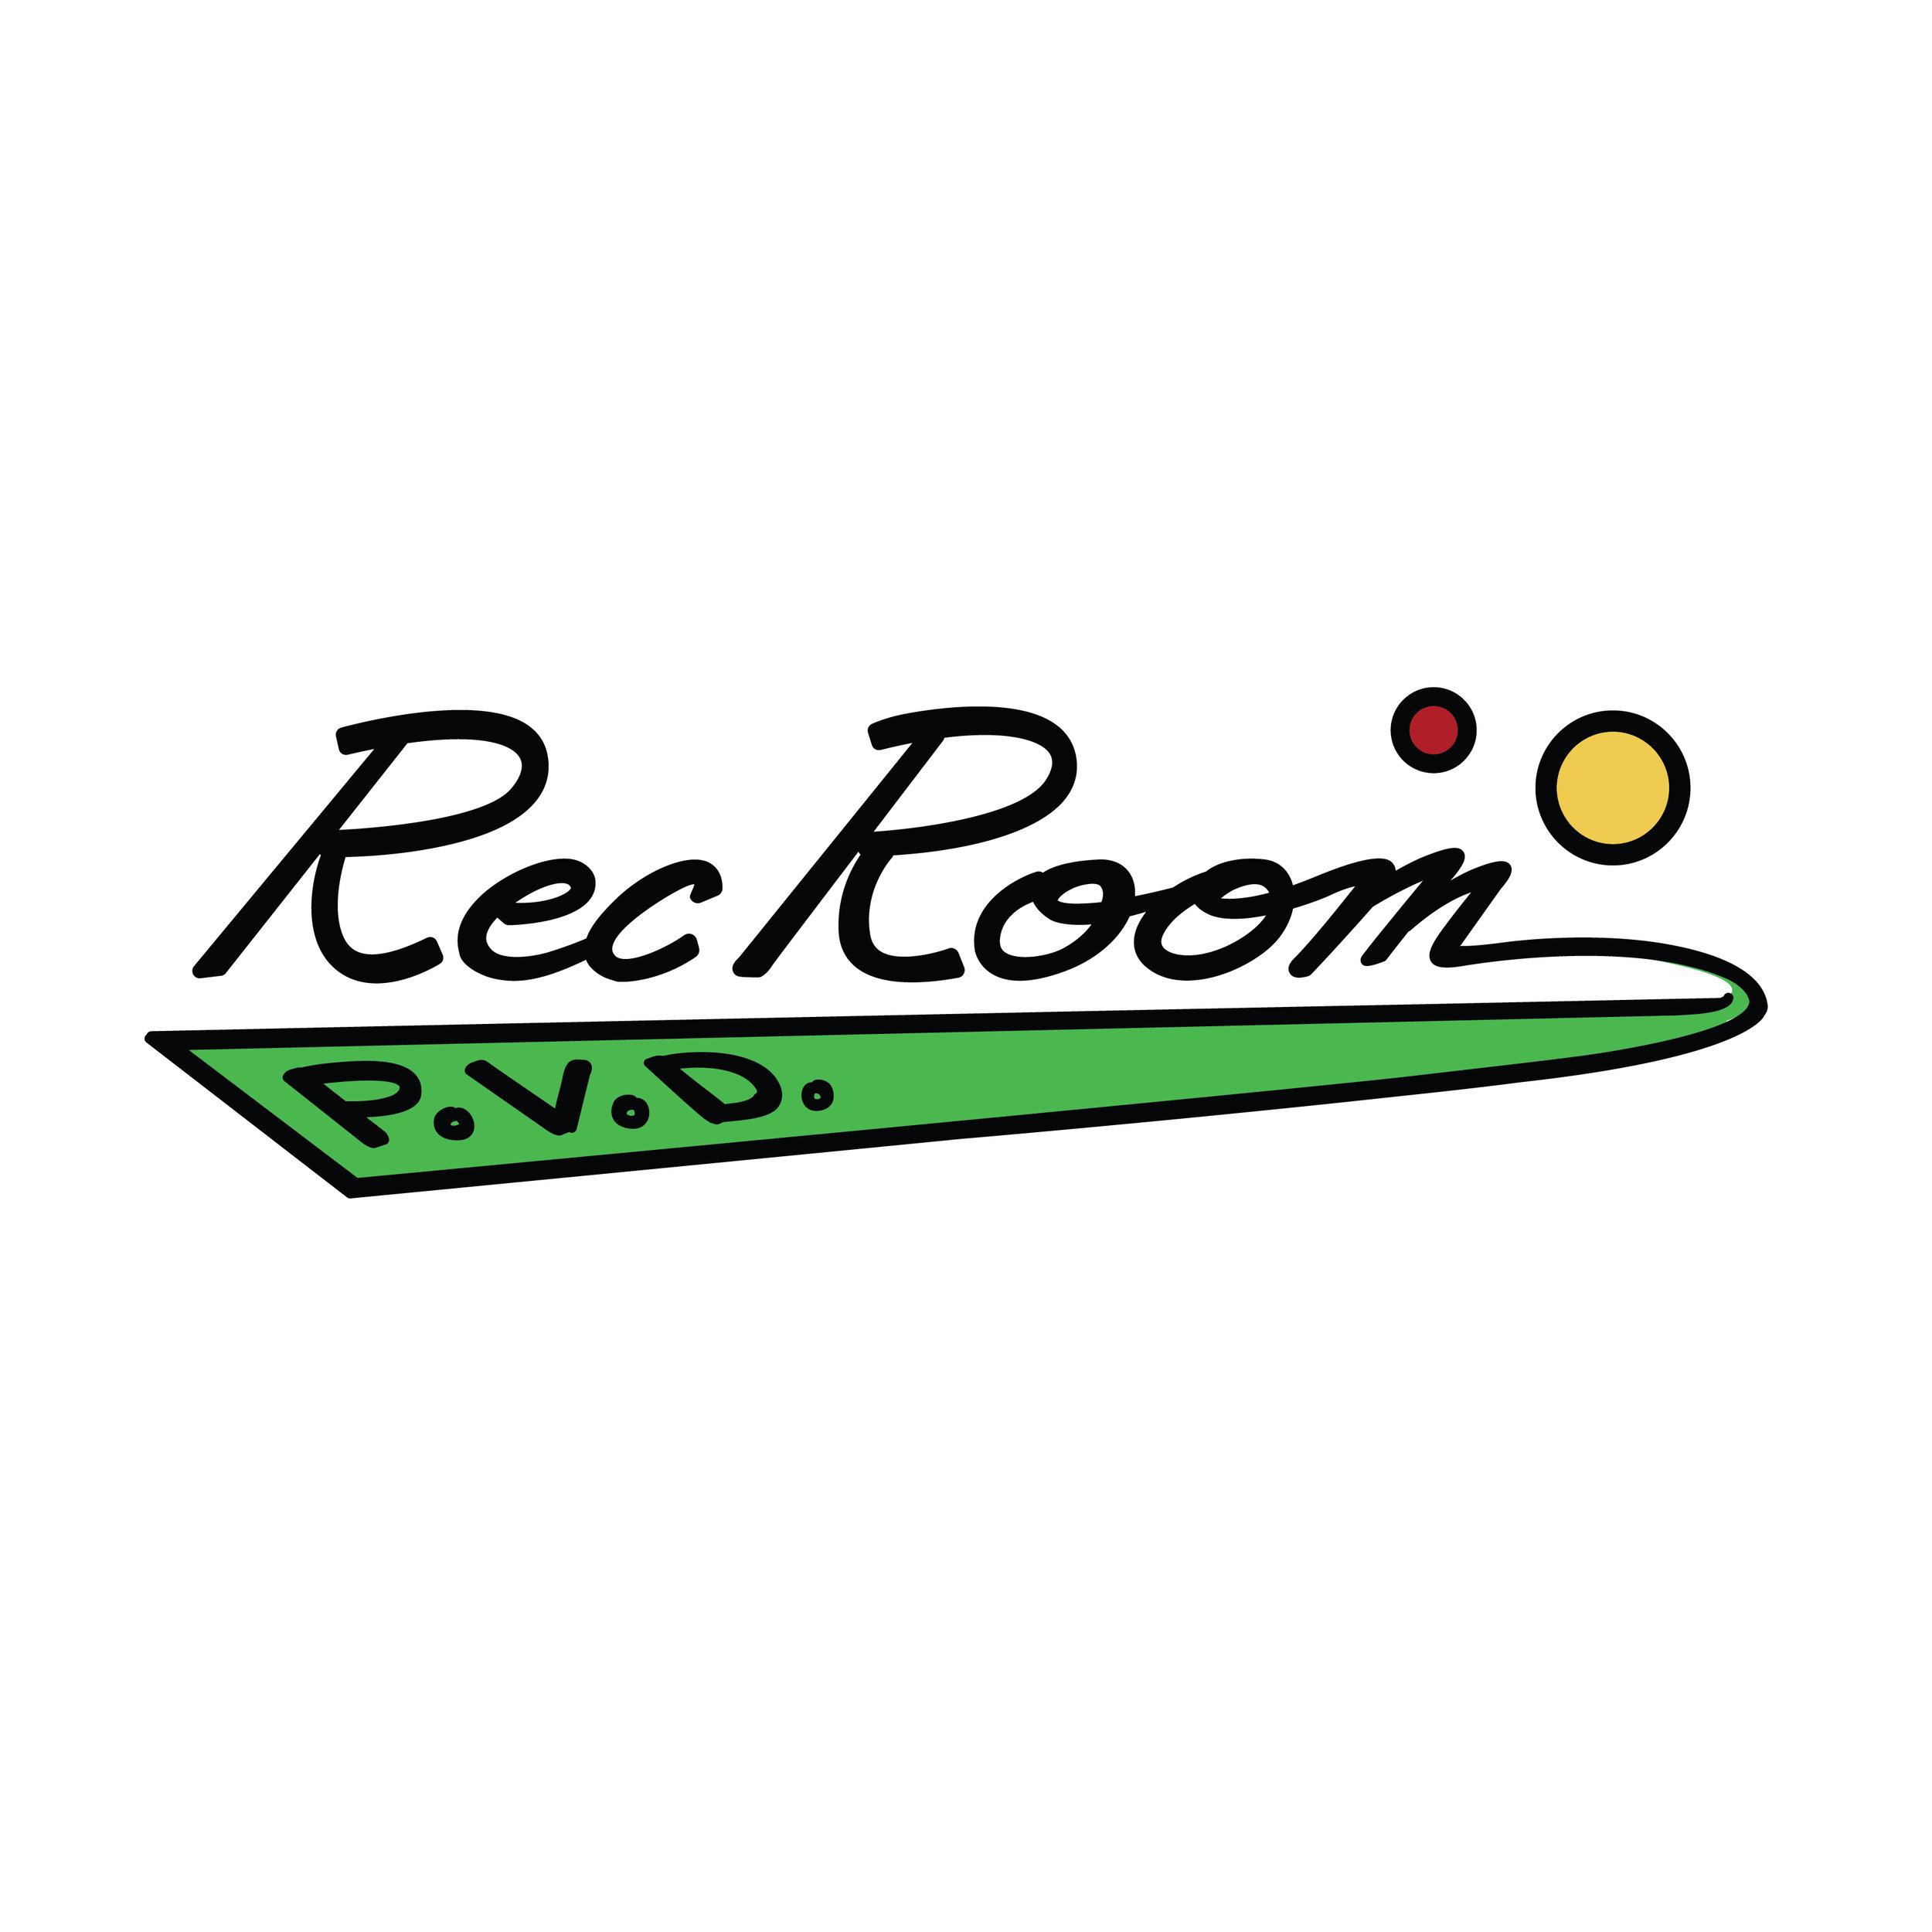 RECROOM_LOGO_COLOR.jpg